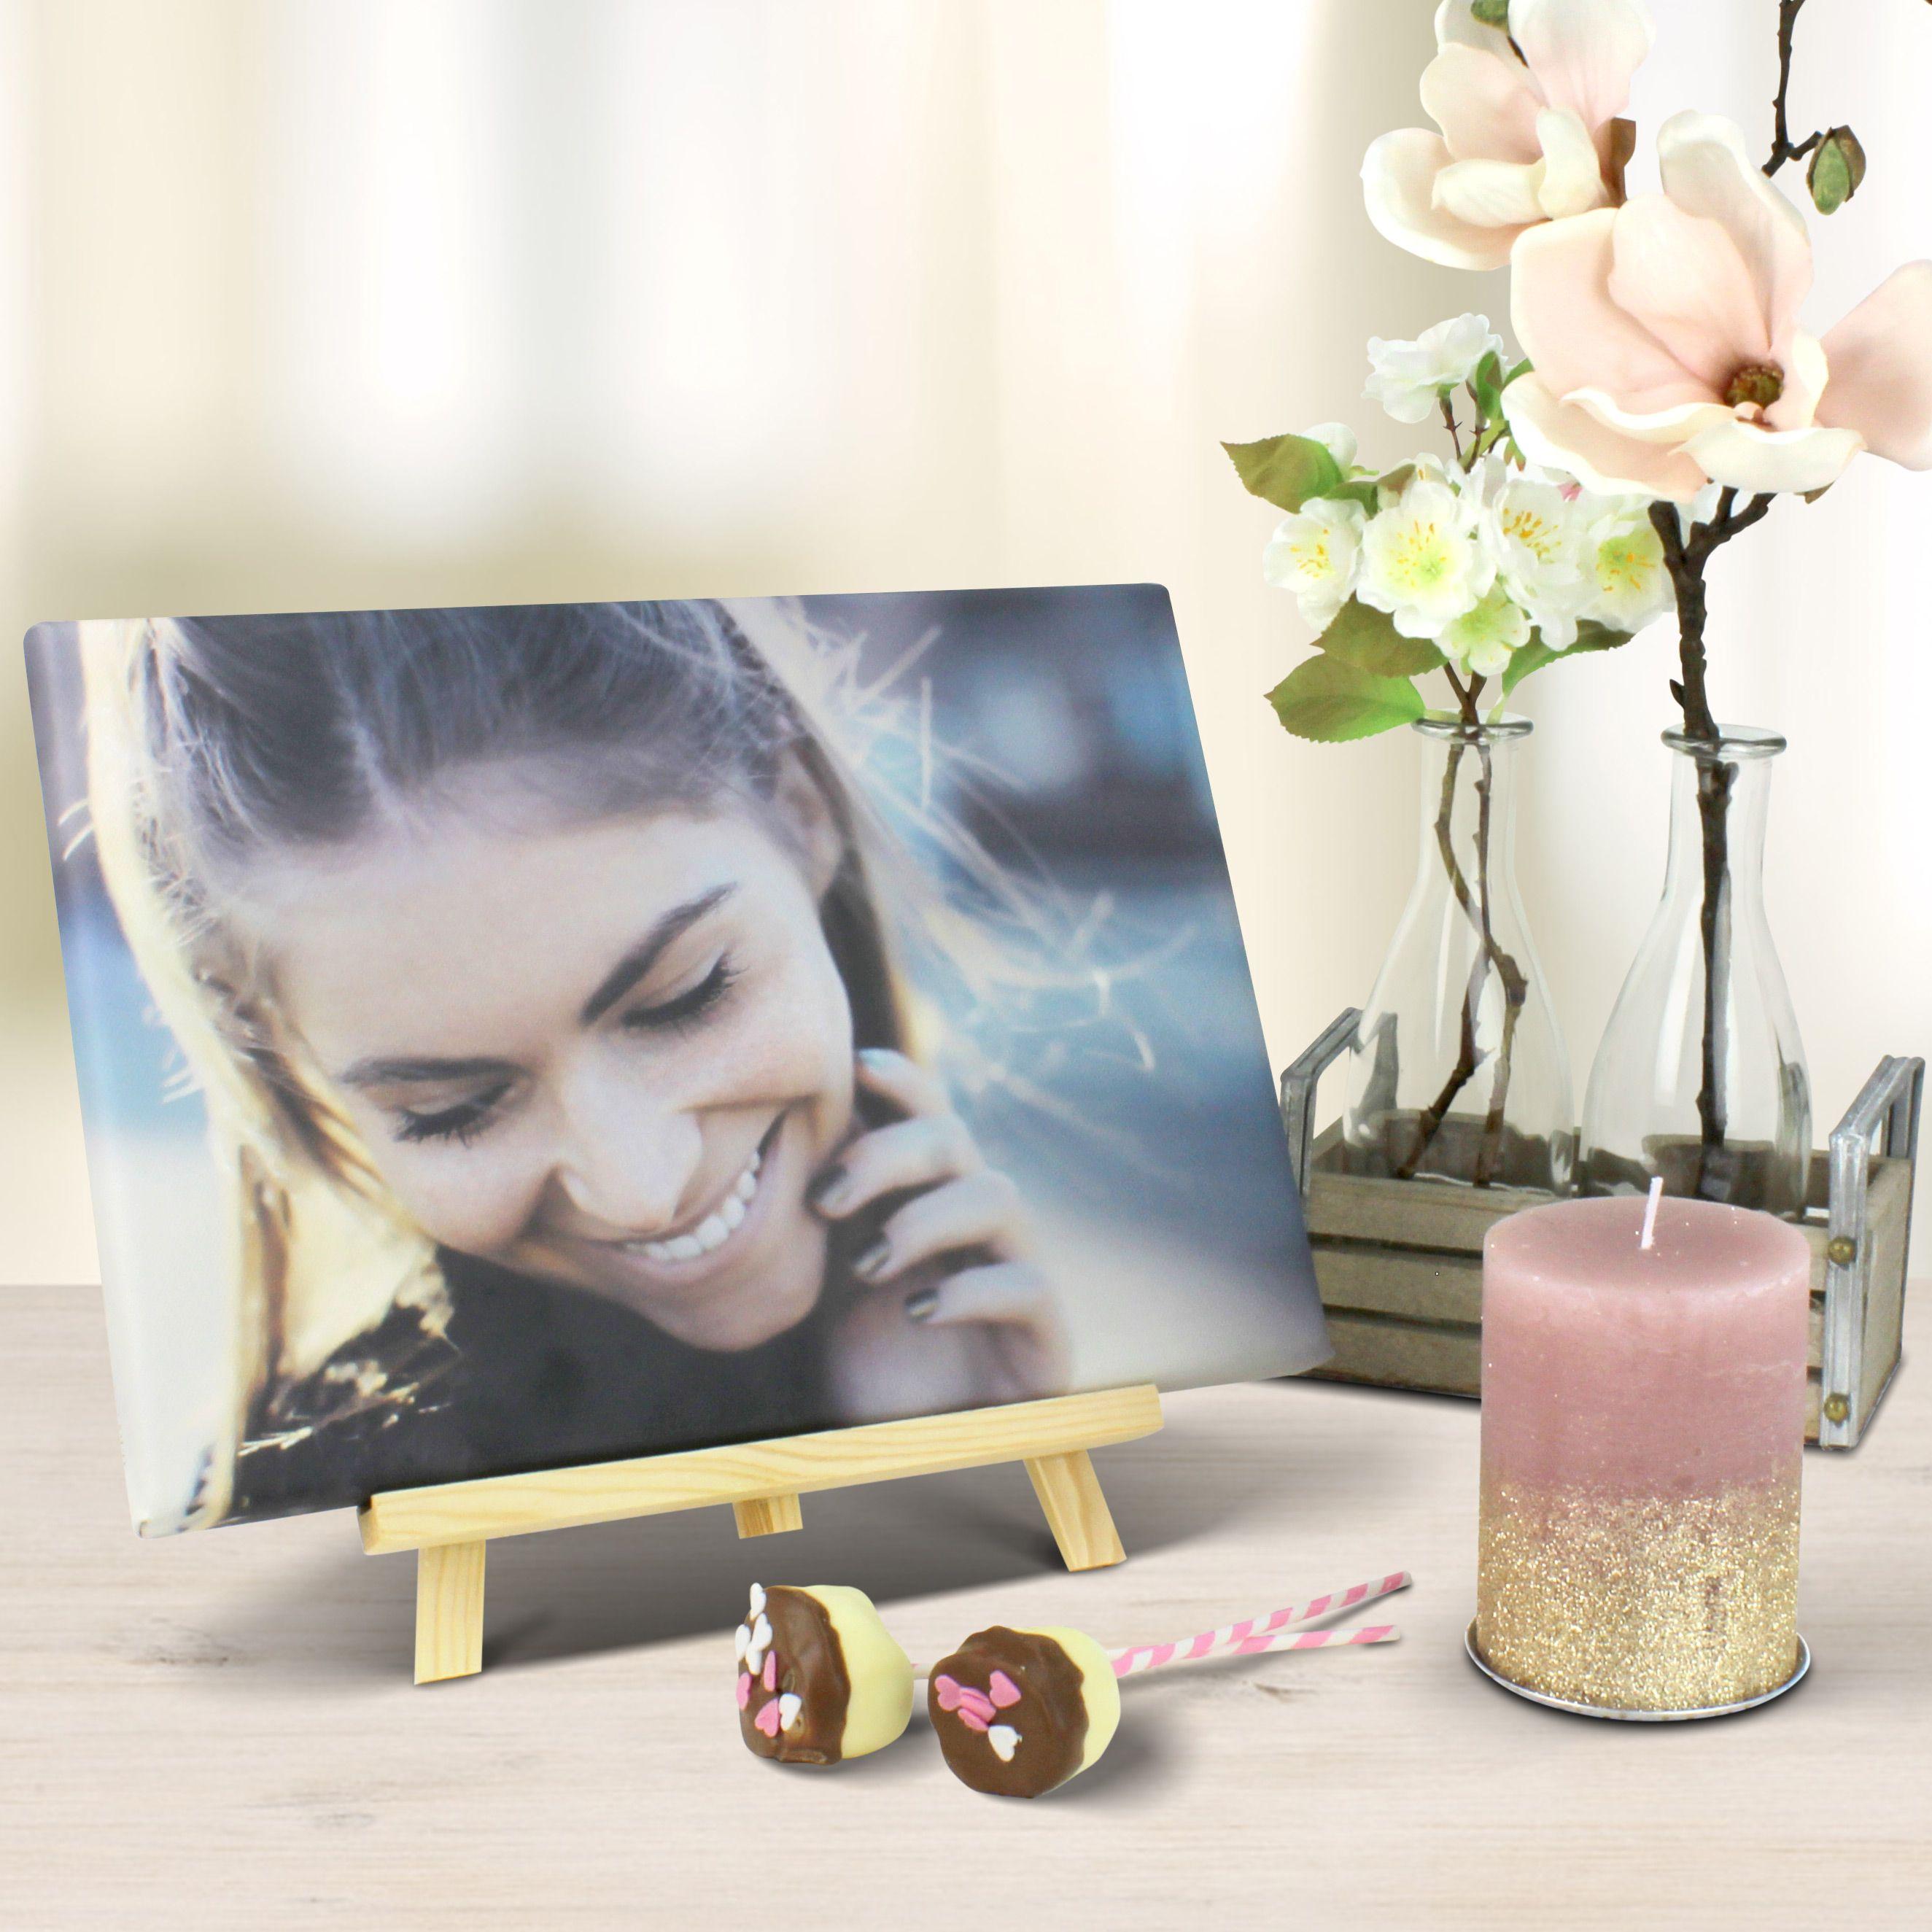 pin auf deko ideen fur zuhause bild leinwand drucken günstig foto als